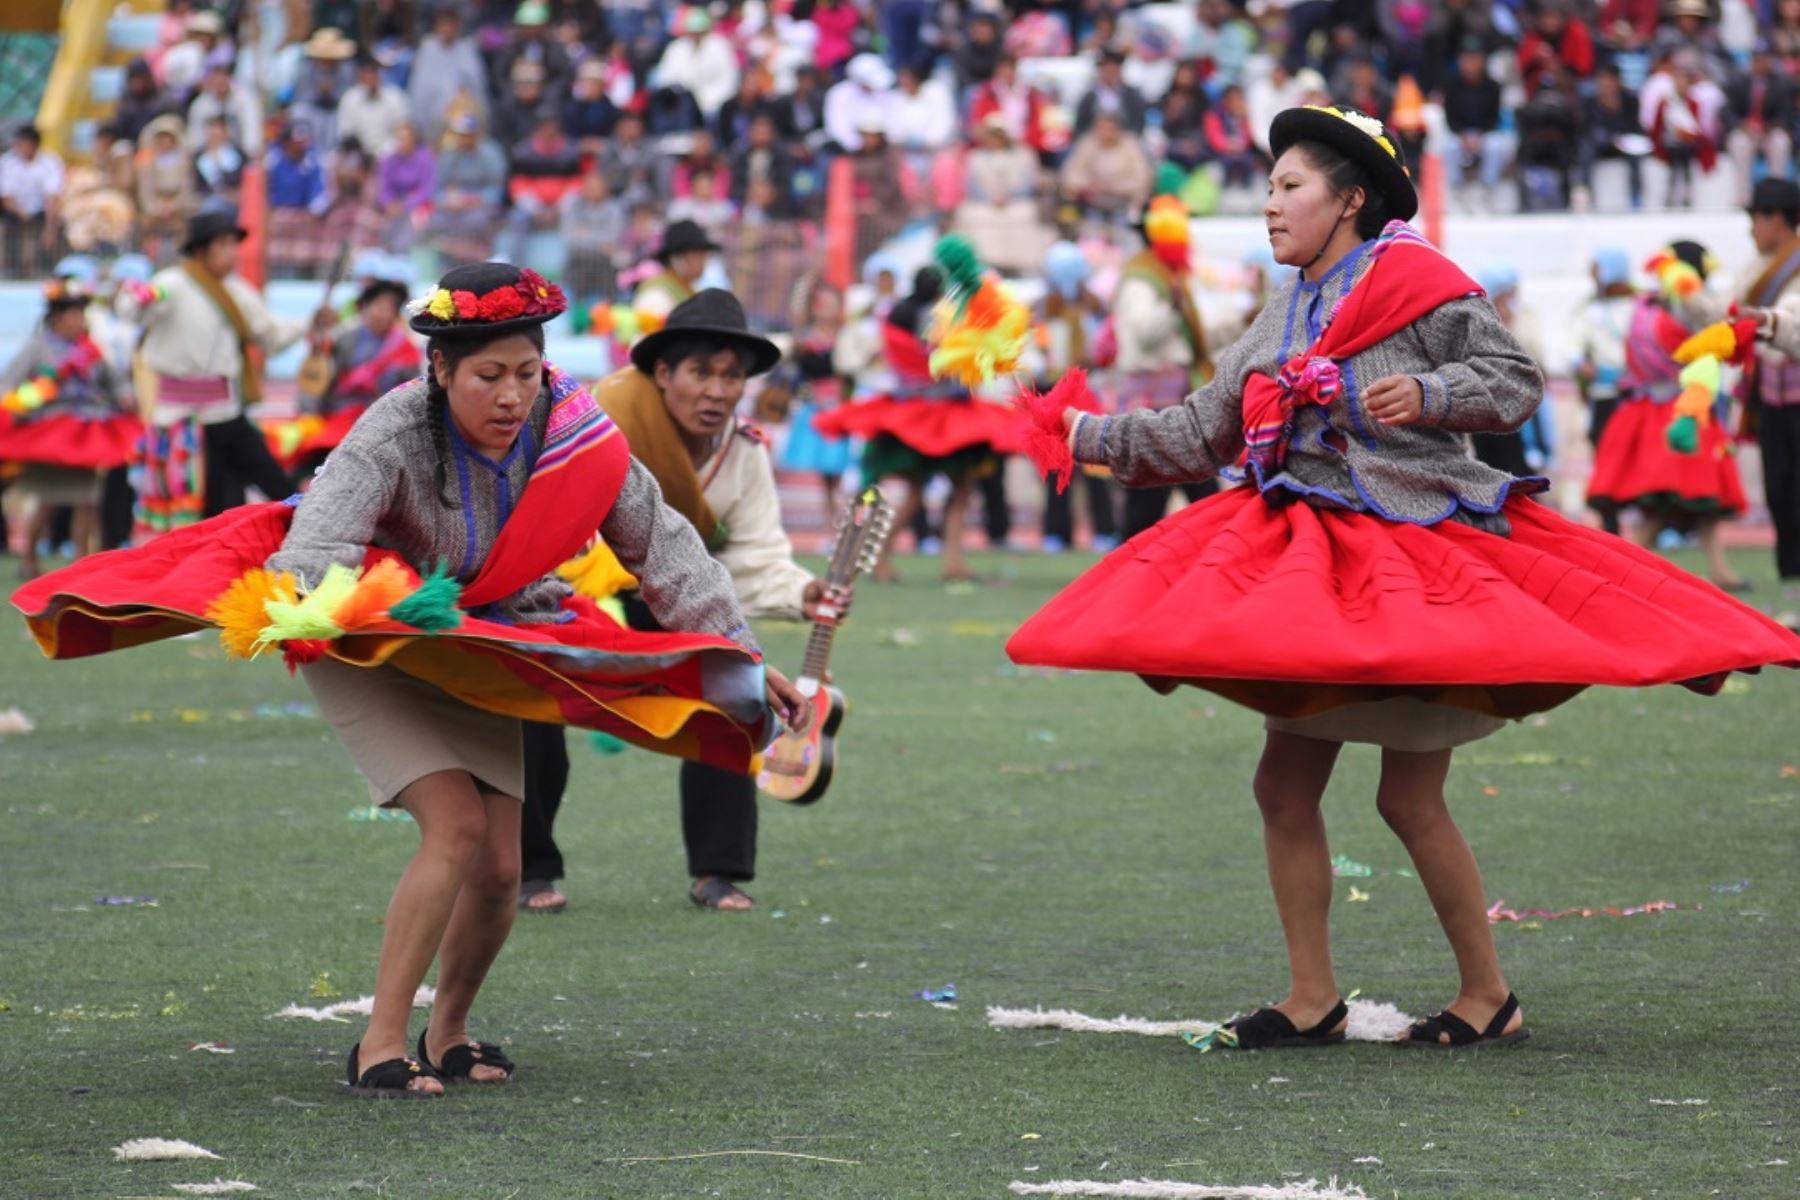 """La festividad de la Virgen de la Candelaria, en la ciudad de Puno, tiene hoy una de sus principales actividades tradicionales llenas de colorido y alegría: el concurso de danzas autóctonas que convierten a Puno en la """"Capital del Folclor Peruano"""". ANDINA/Difusión"""